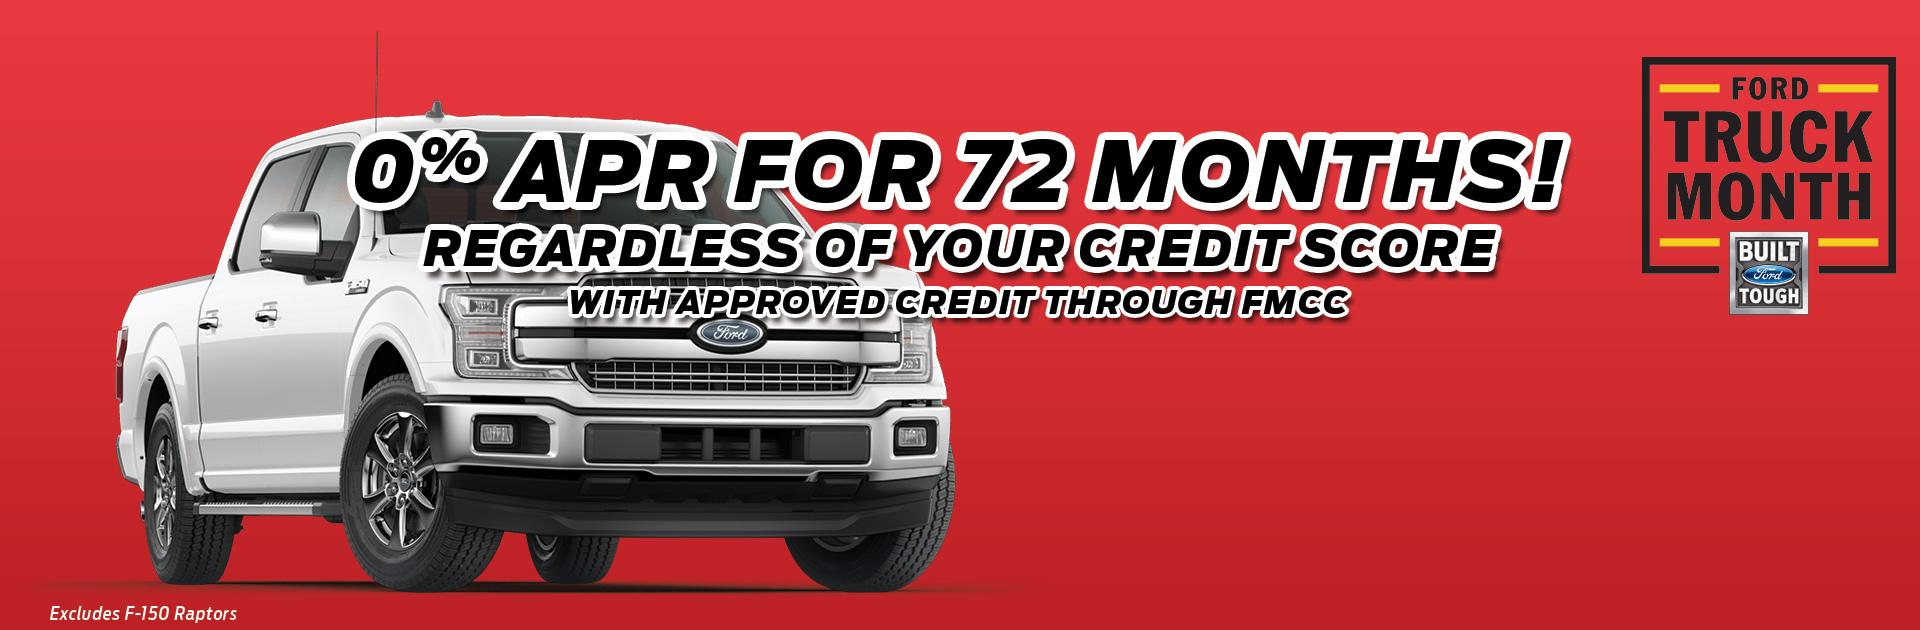 Spford February Truck Month Hero5